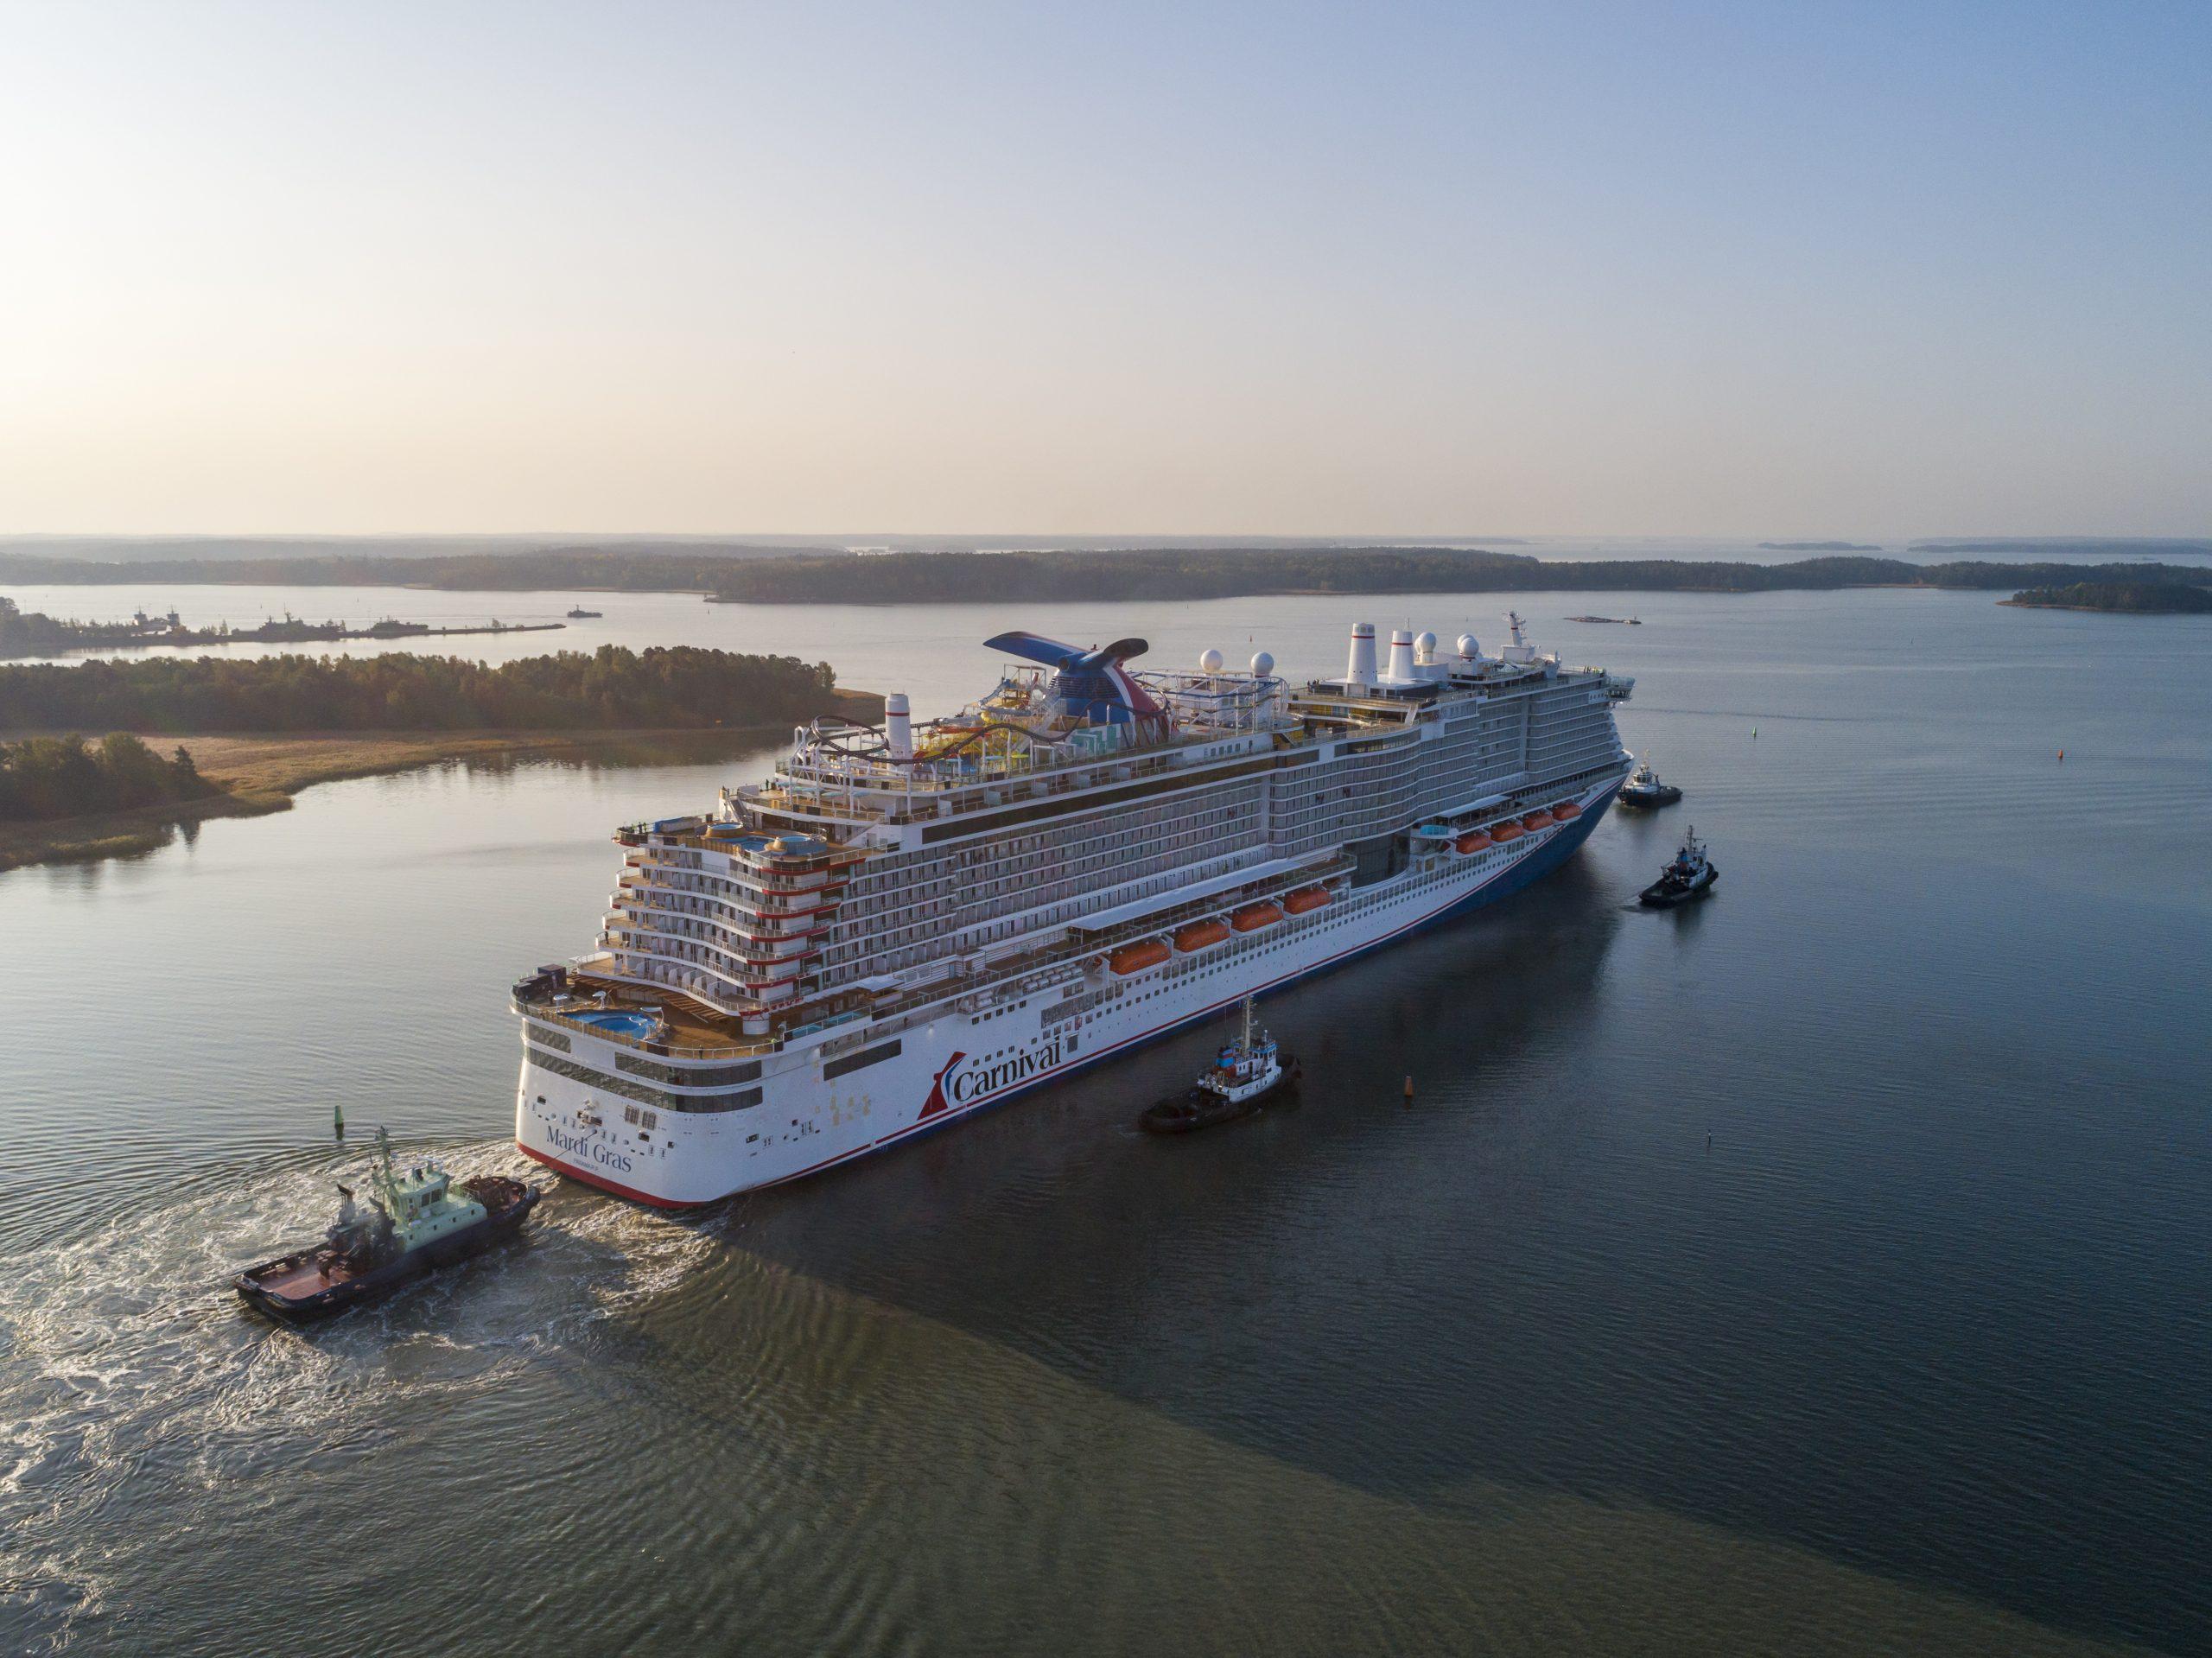 Die Mardi Gras von Carnival Cruise Line startet am 6. Februar 2021zu ihrer Jungfernfahrt - das erste LNG- Schiff der Reederei.